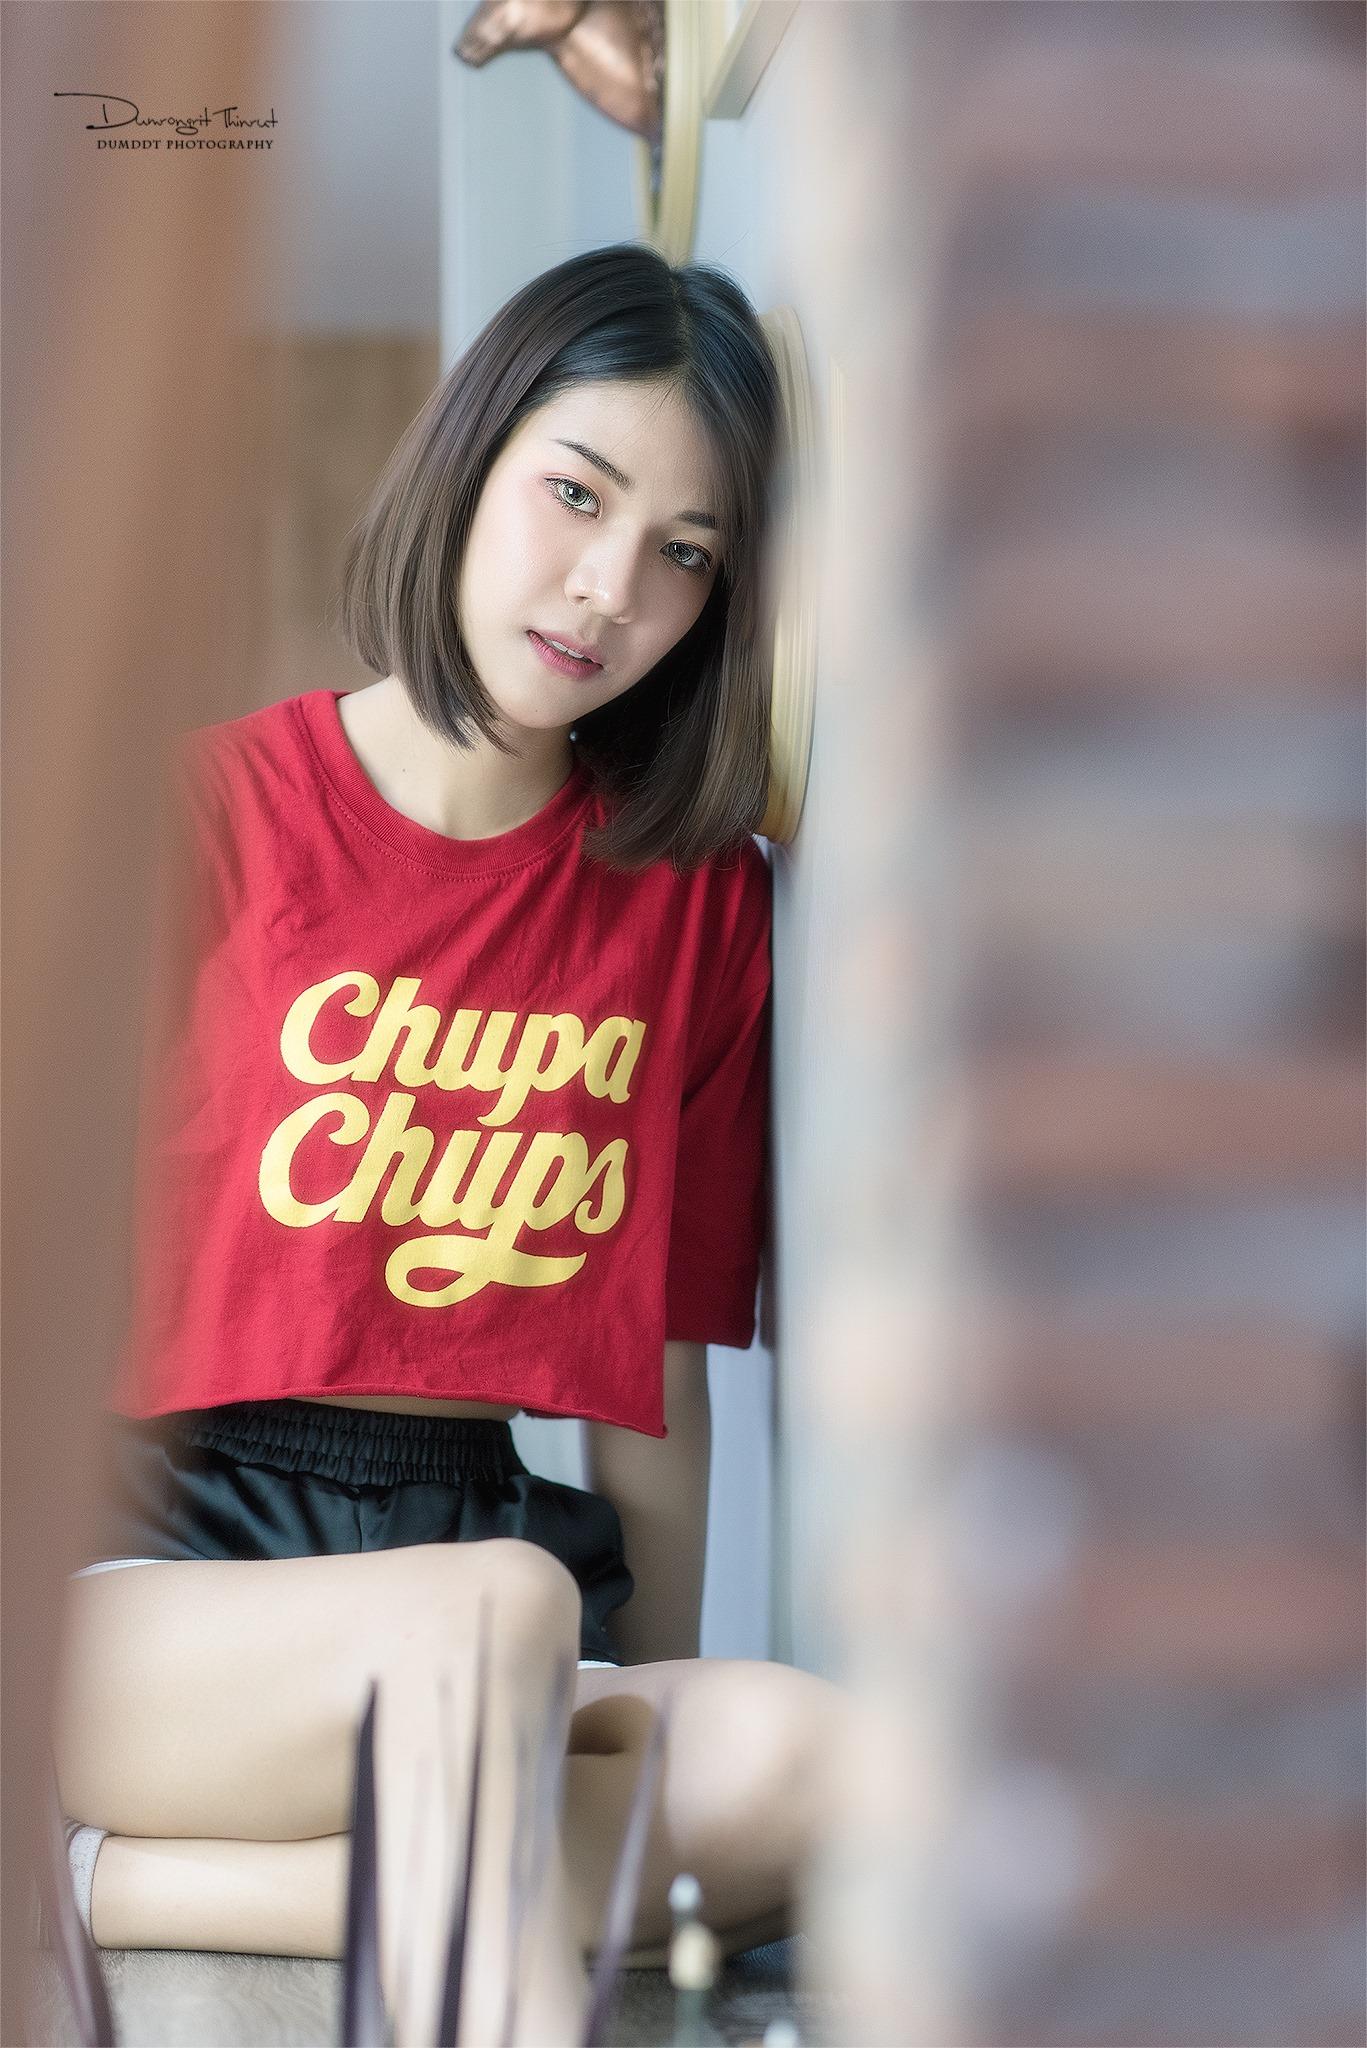 GieKhao Klaorethai - Chupa Chups